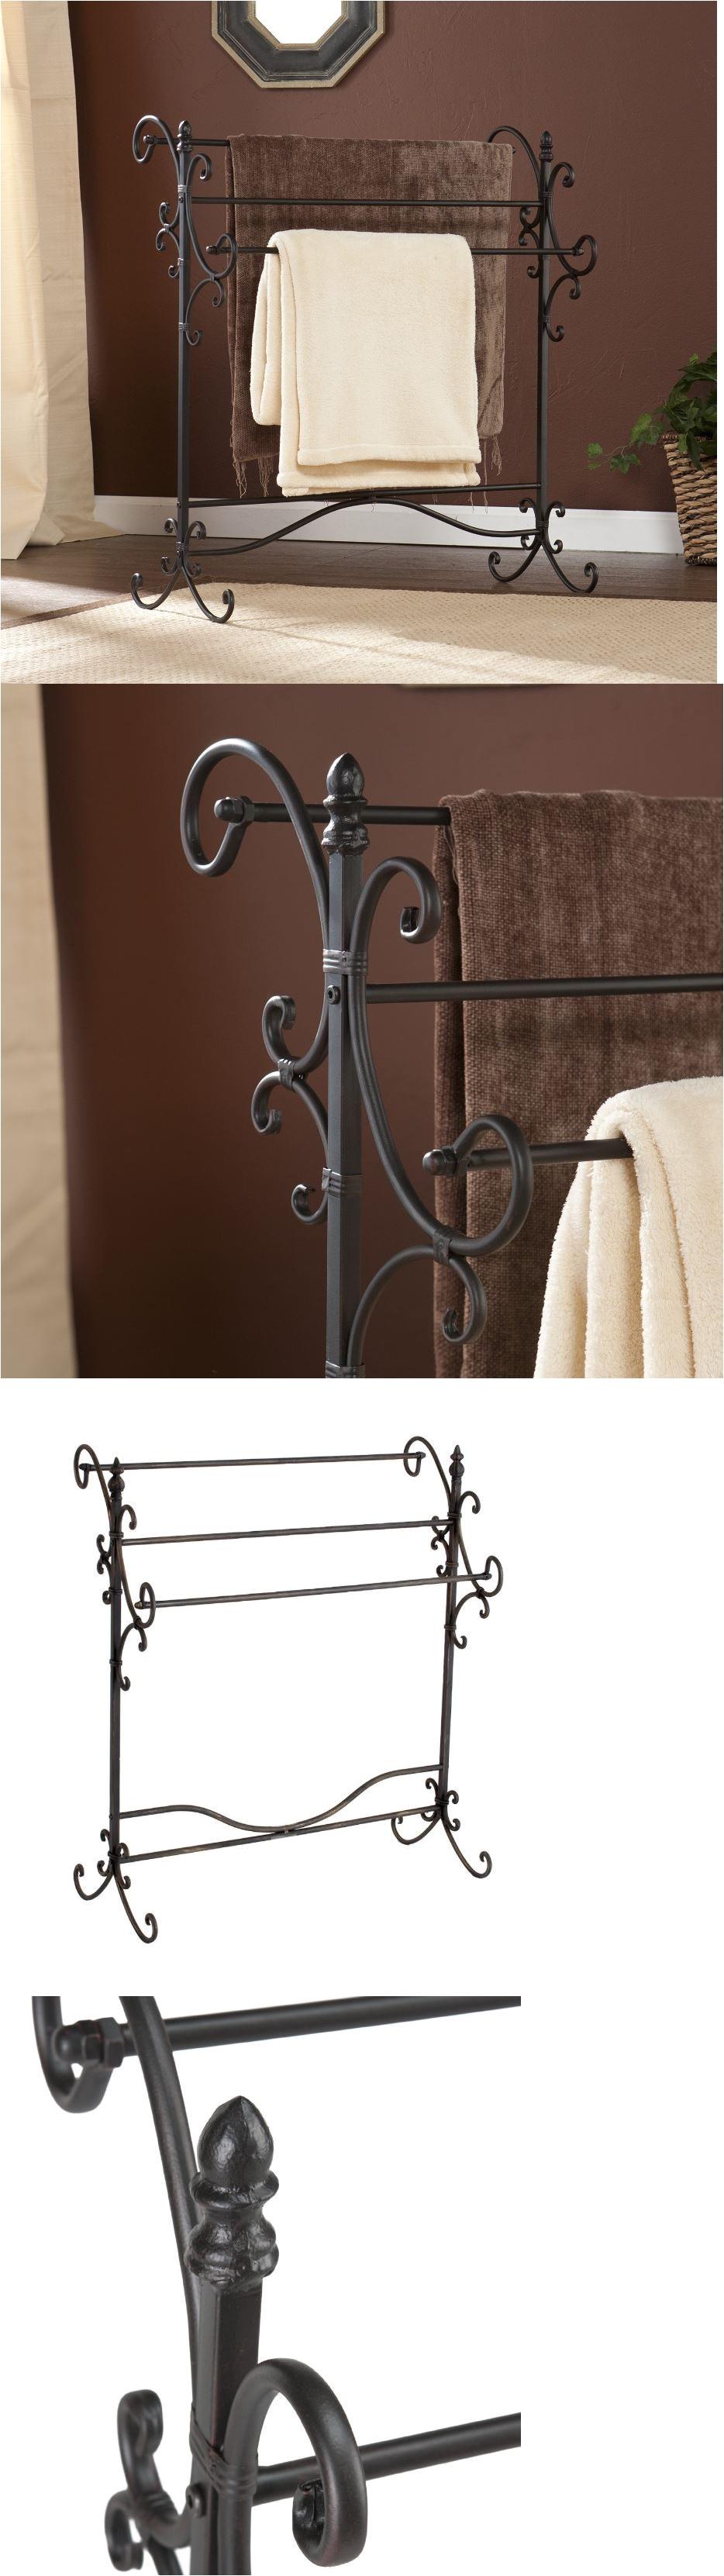 quilt hangers and stands 83959 blanket rack quilt metal free standing towel 3 tier poles